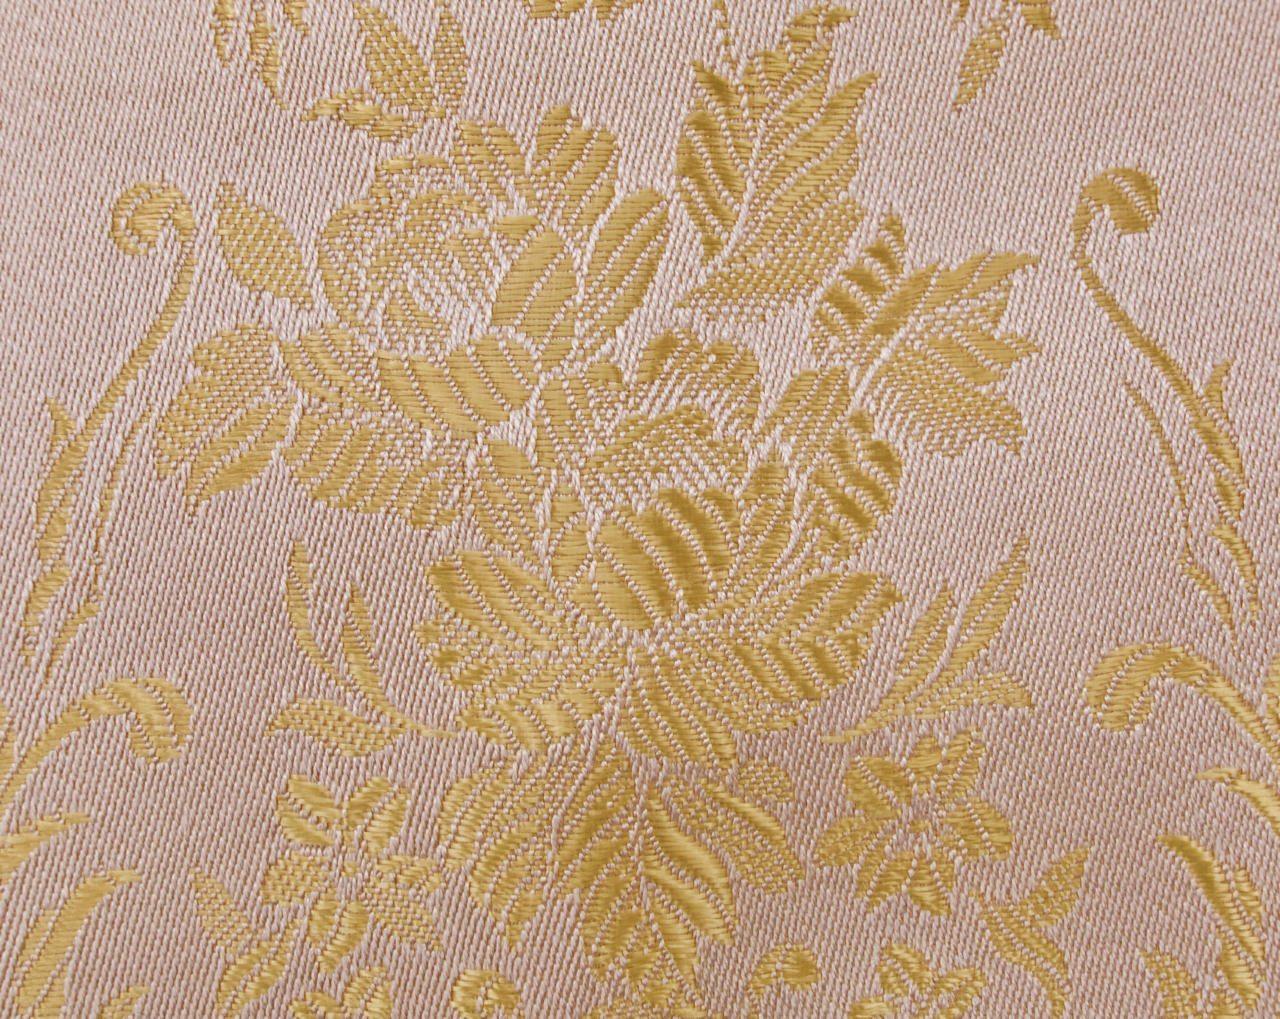 Pink Regency Stripe Brocade Upholstery Fabric Vintage